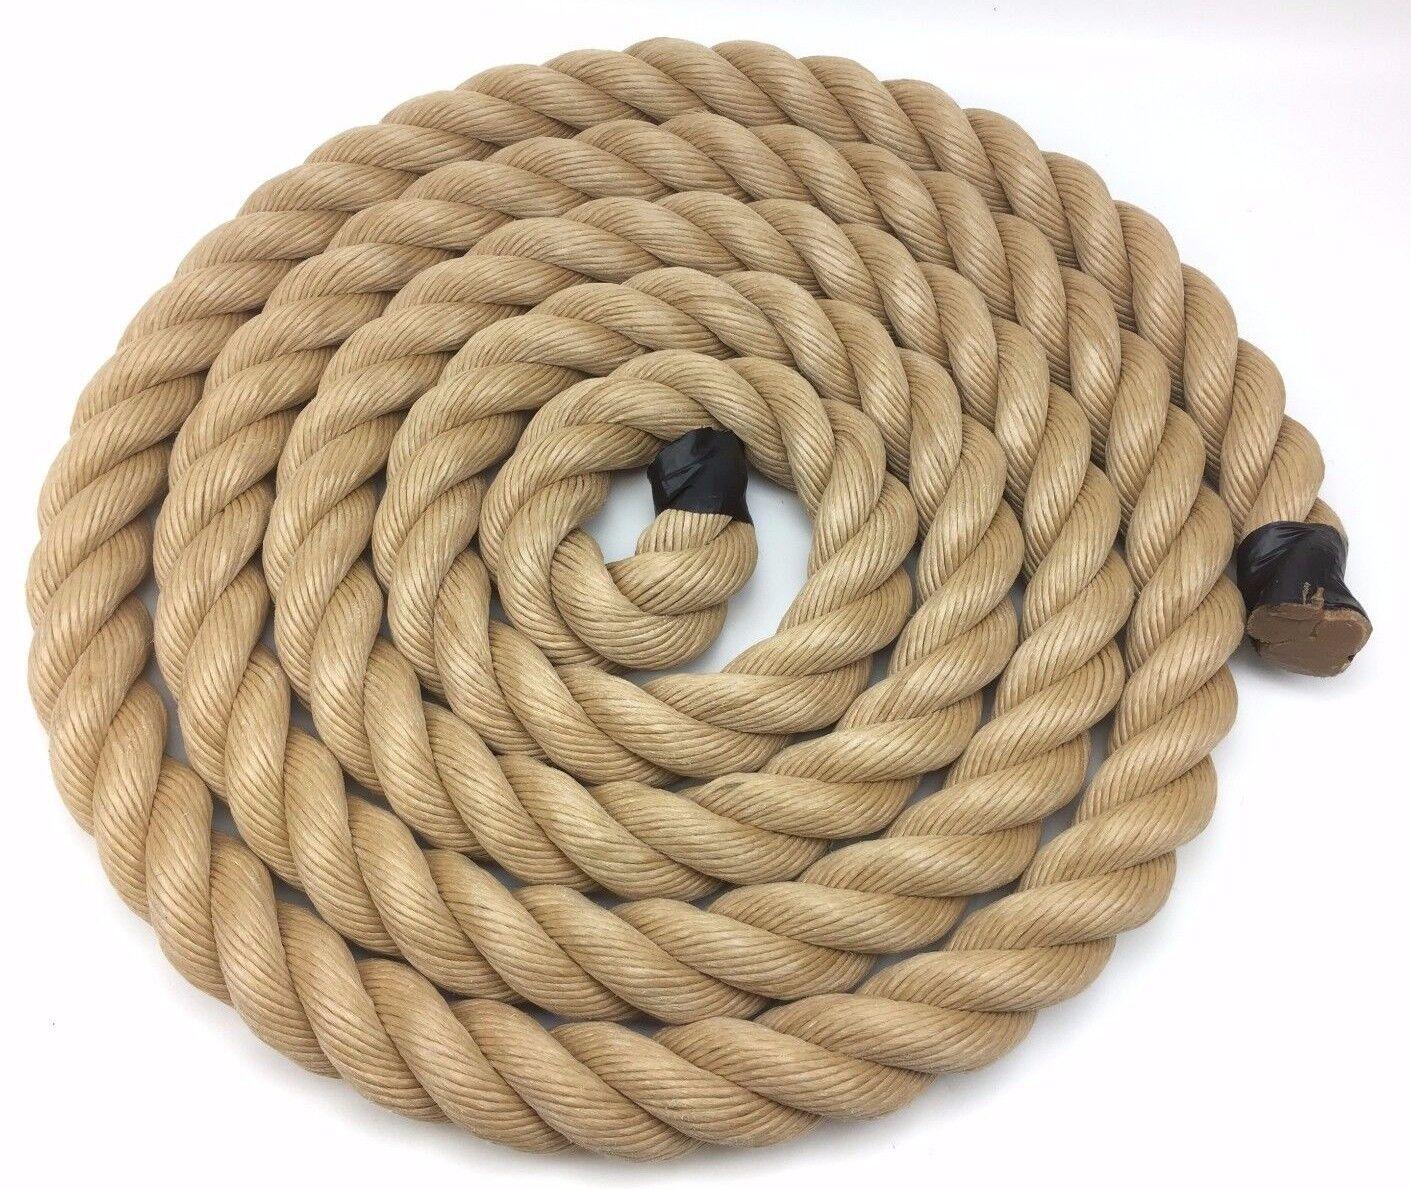 50mm Cuerda sintetica terraza X 10 metros, cuerda barato para terrazas, Cuerda de Manila